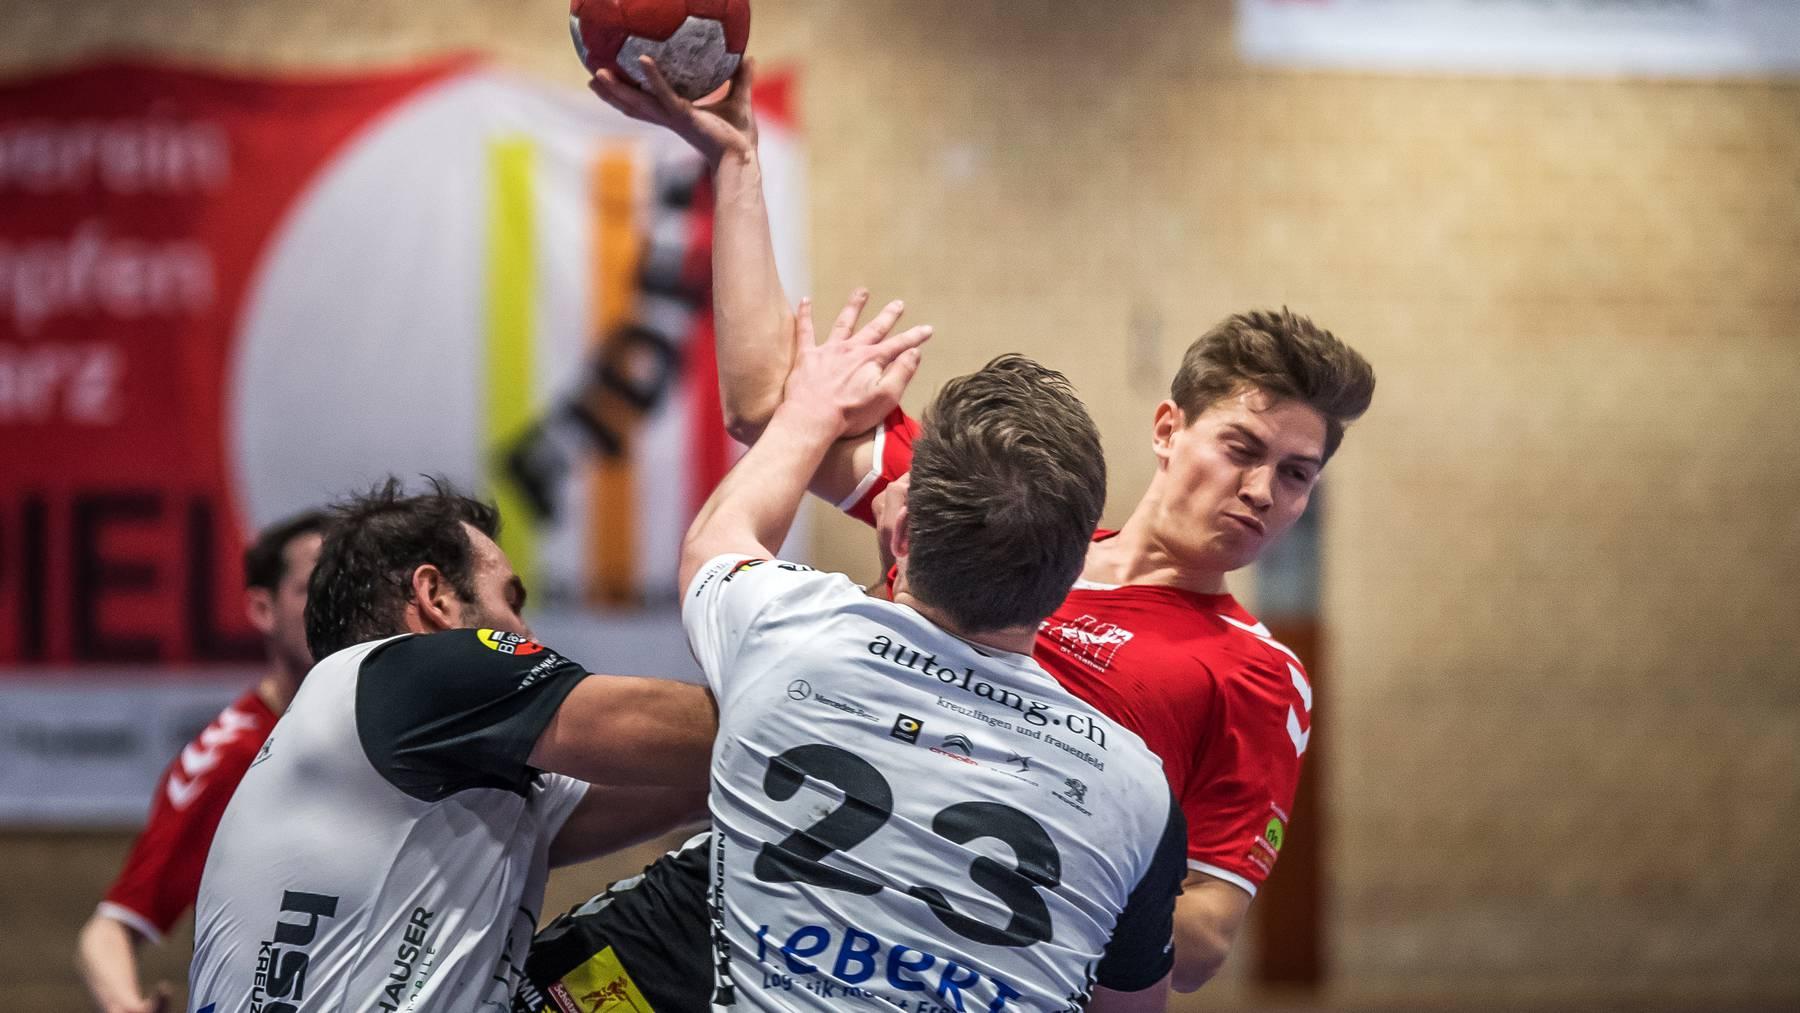 Der SV Fides (in Rot) im Jahr 2019, als Handball noch ohne Einschränkungen gespielt werden konnte.